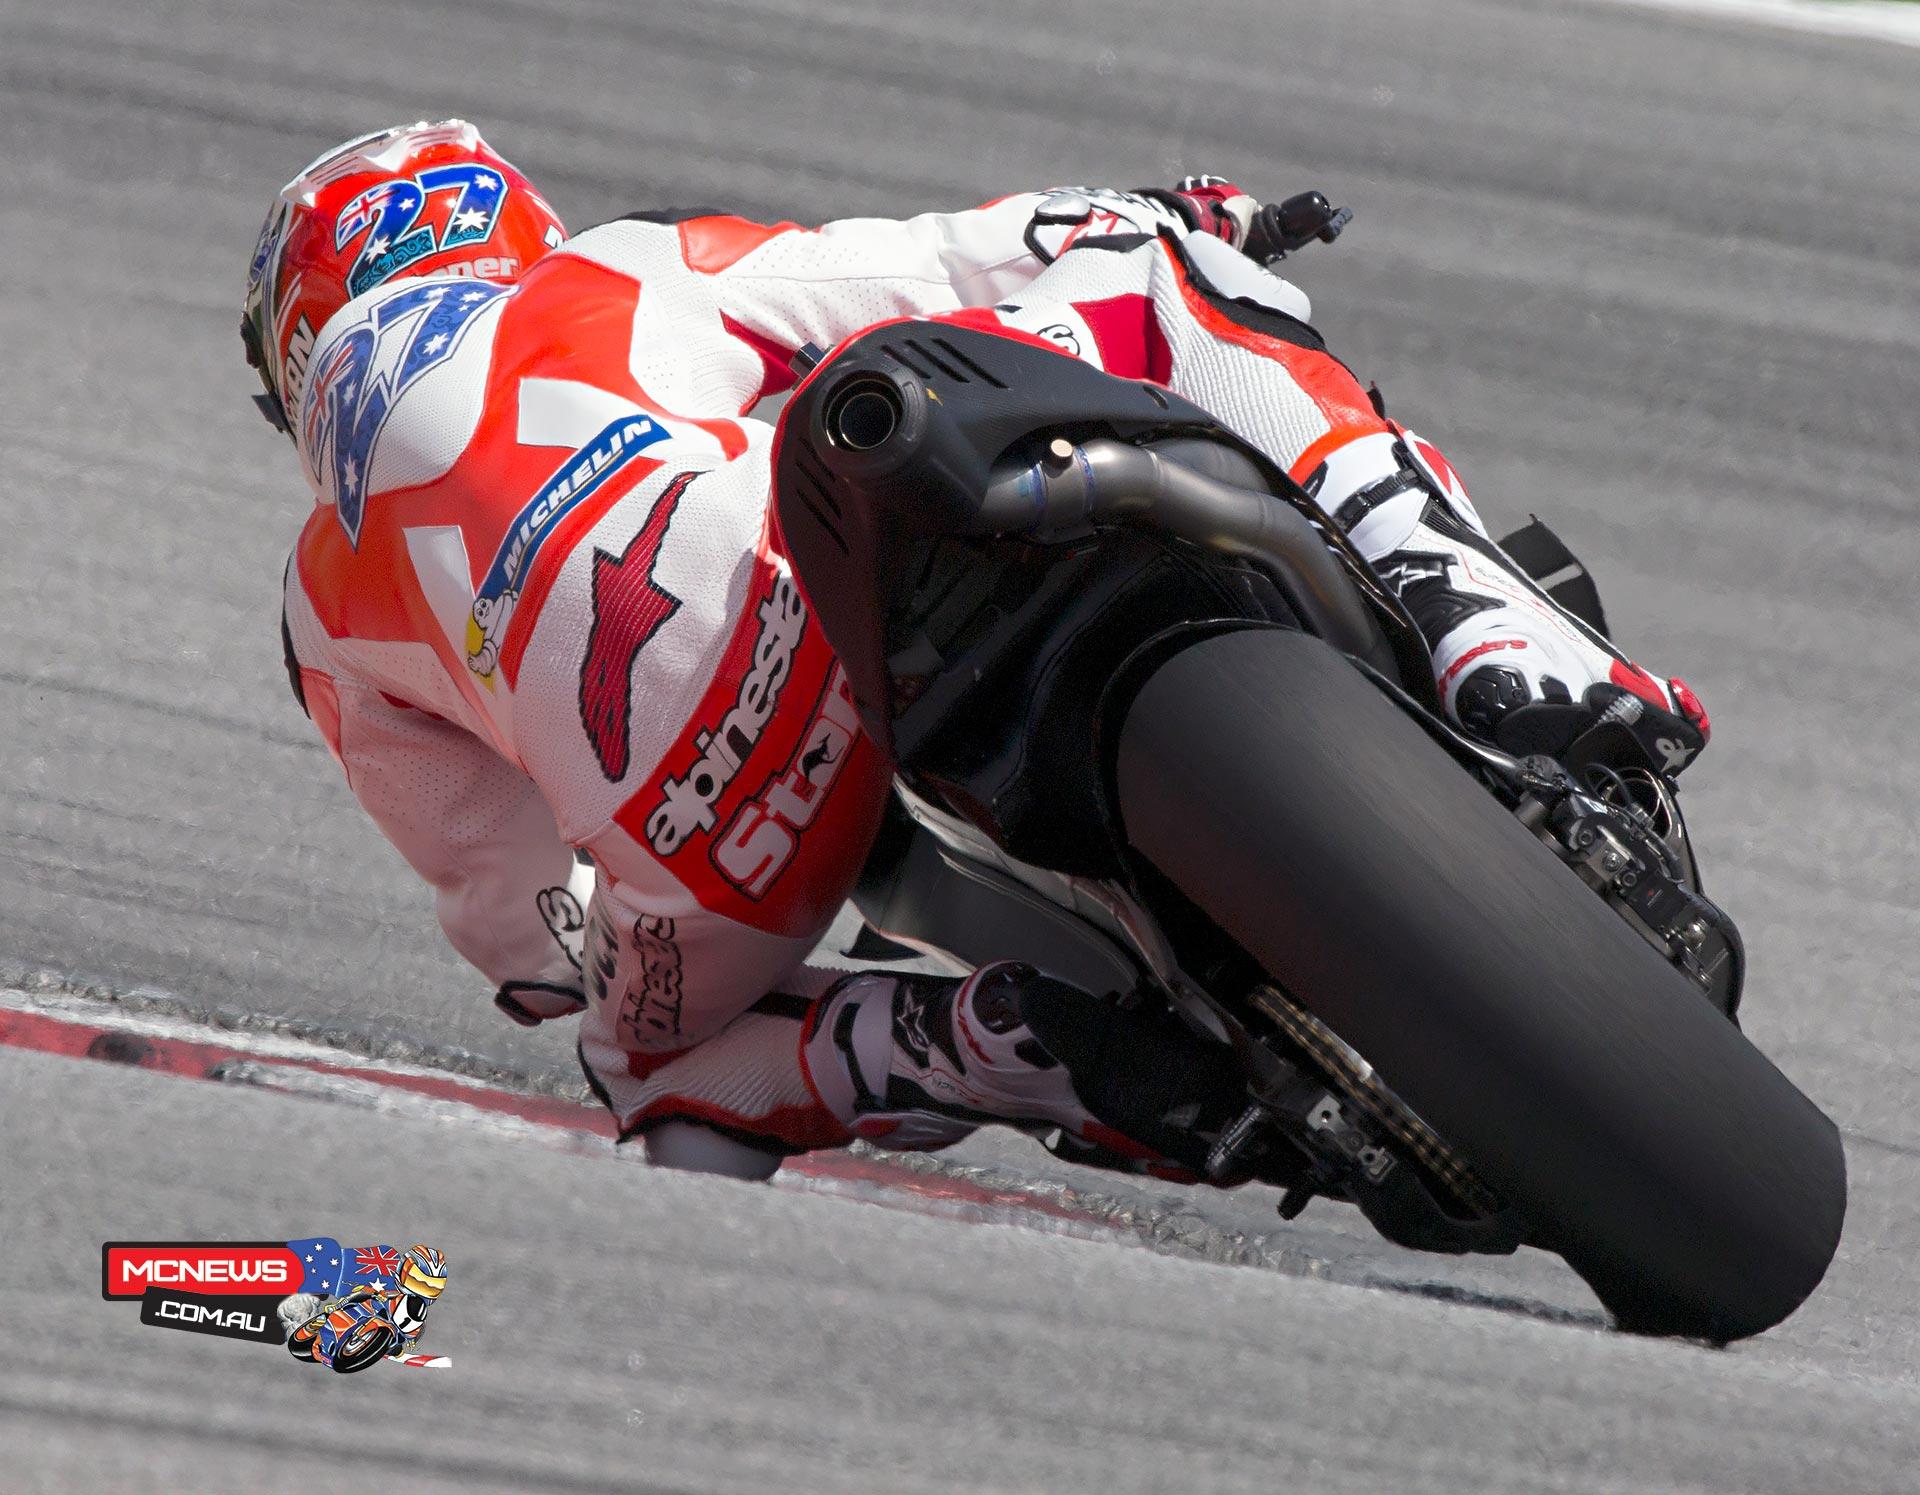 Casey Stoner | 54 laps Ducati Desmosedici | MCNews.com.au